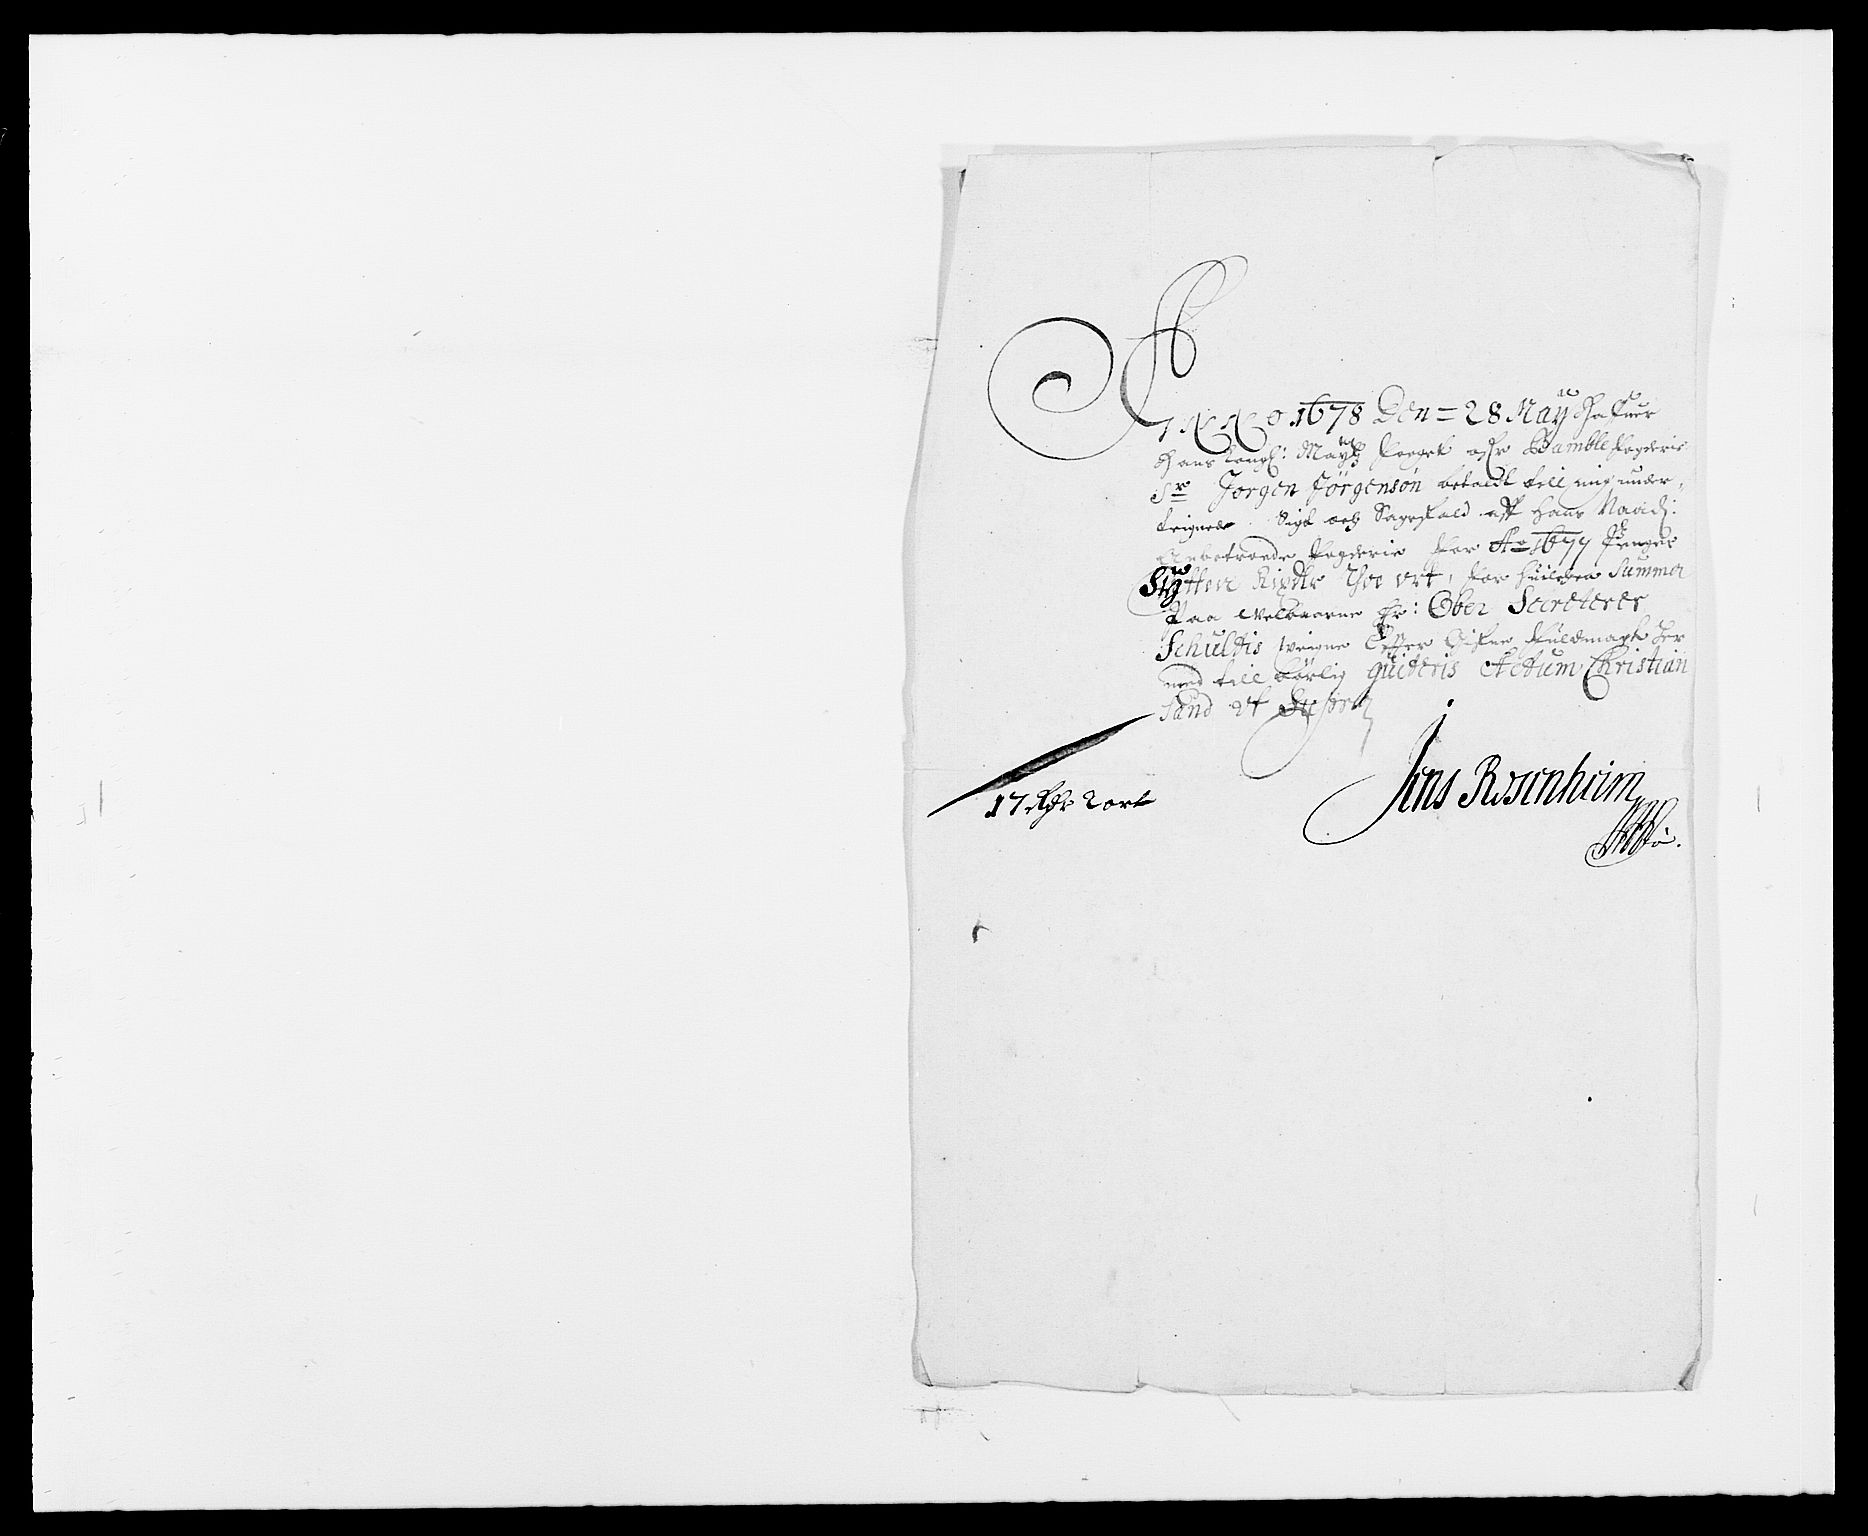 RA, Rentekammeret inntil 1814, Reviderte regnskaper, Fogderegnskap, R34/L2043: Fogderegnskap Bamble, 1676-1677, s. 458